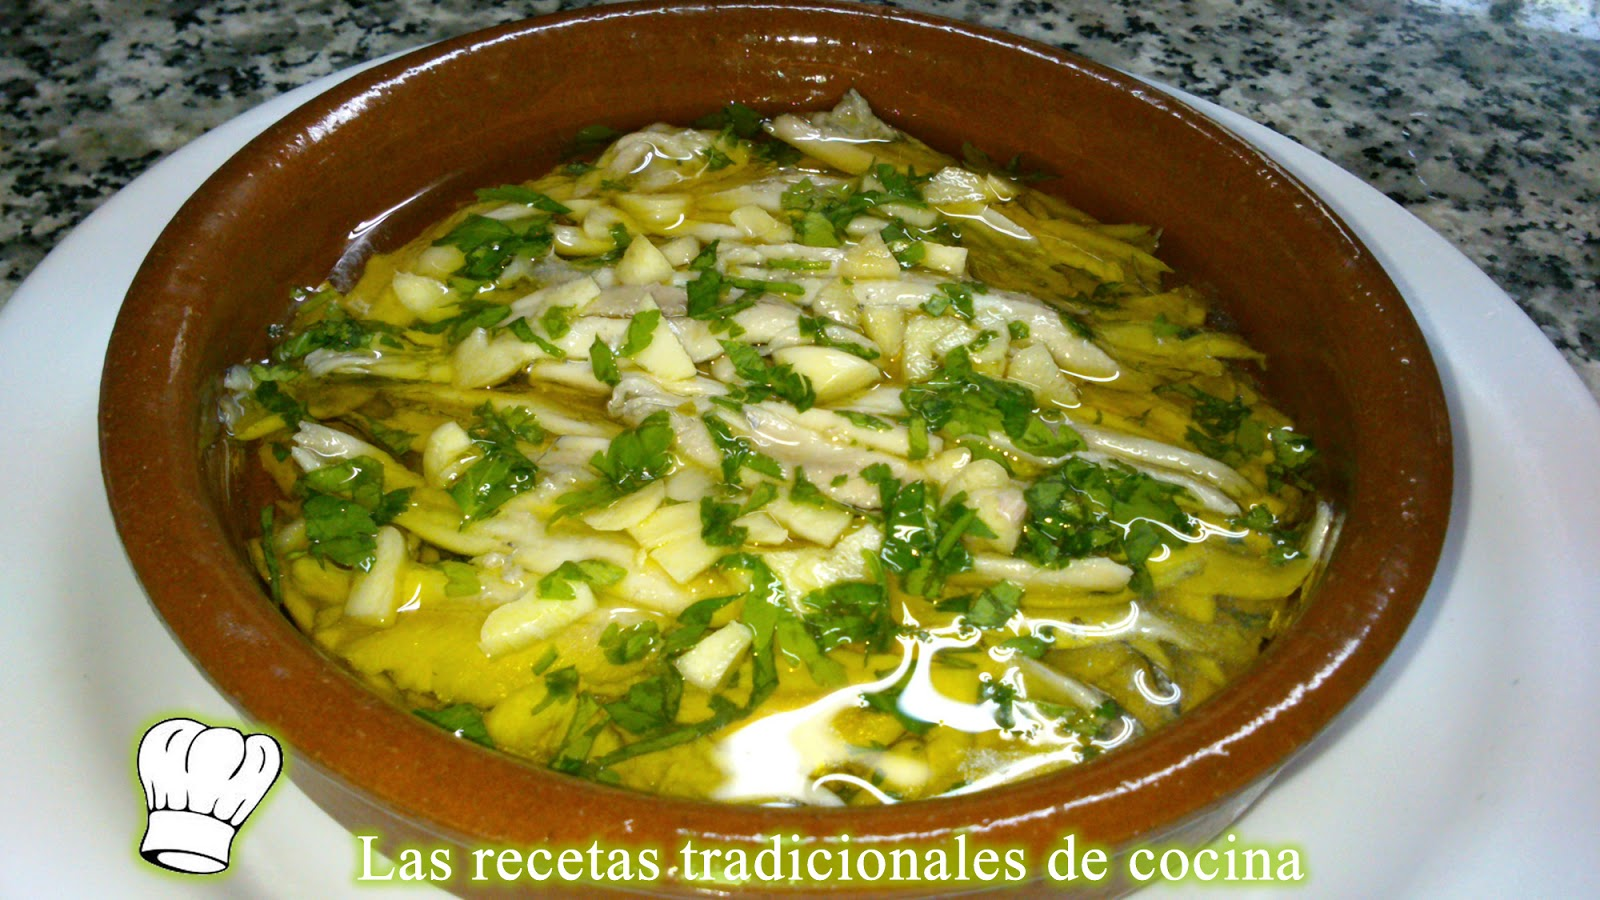 Mayo 2013 recetas de cocina con sabor tradicional - Calorias boquerones en vinagre ...